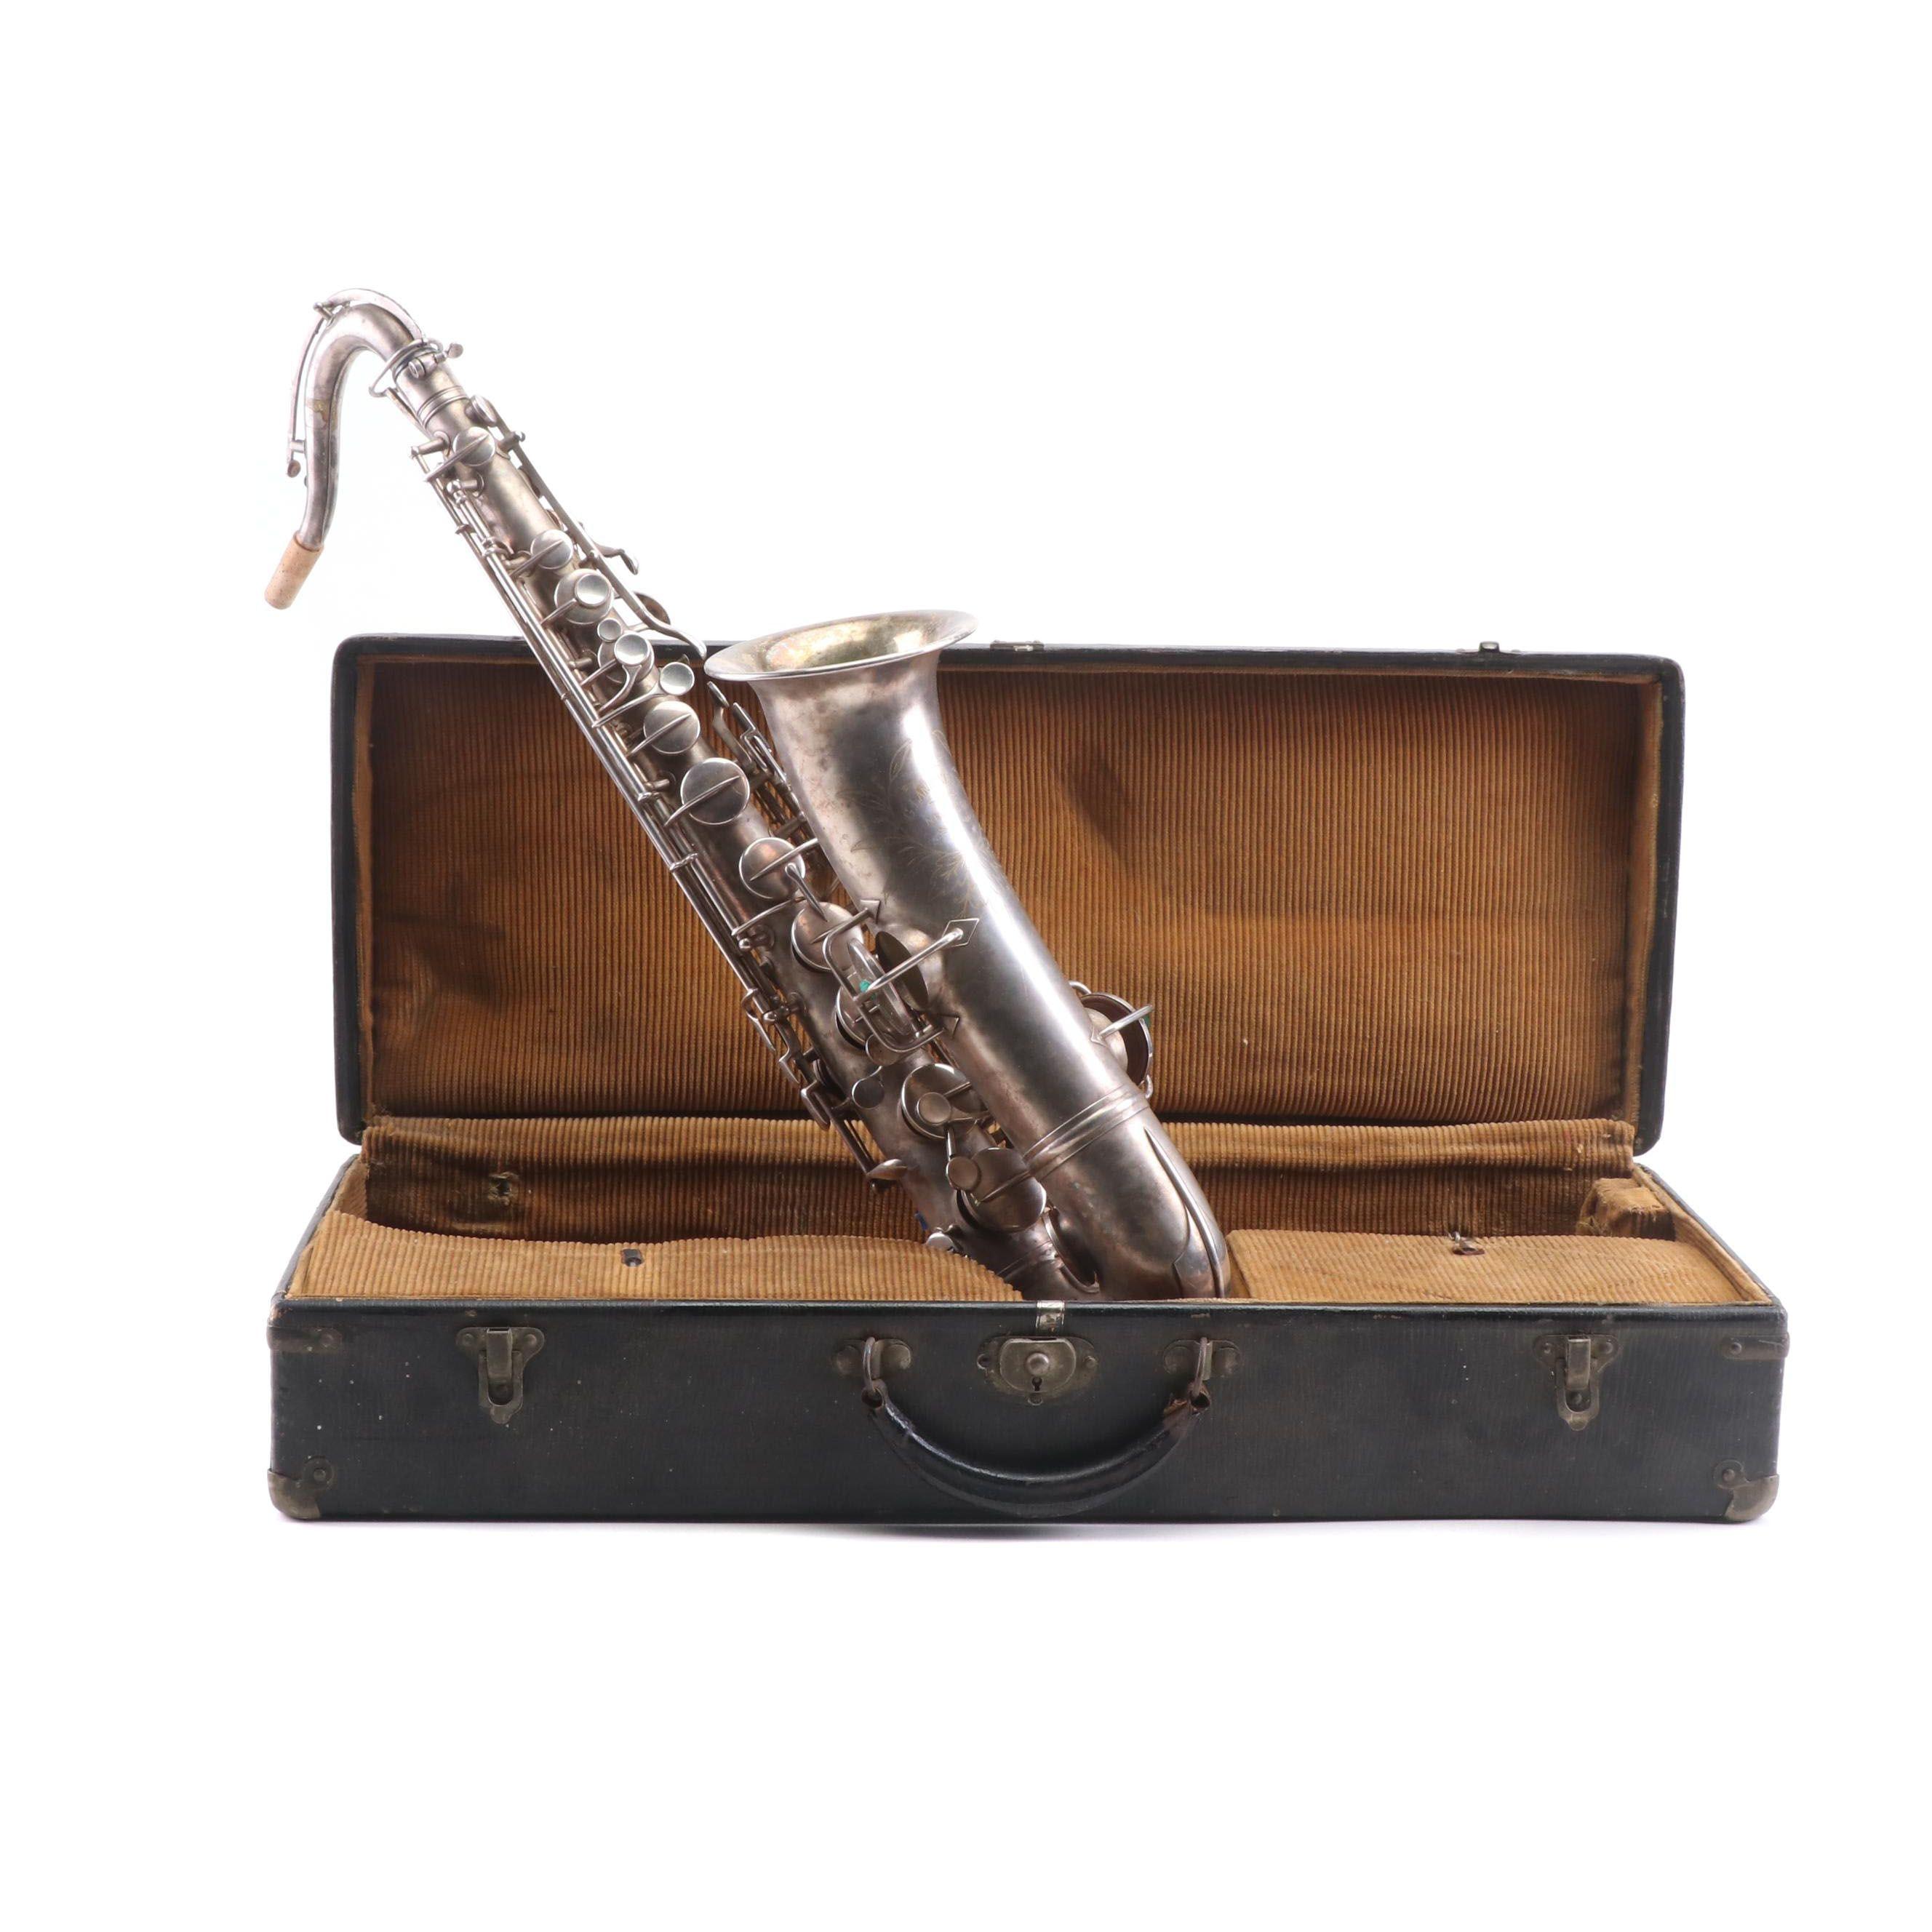 Gustave Langenus Alto Saxophone in Case, New York